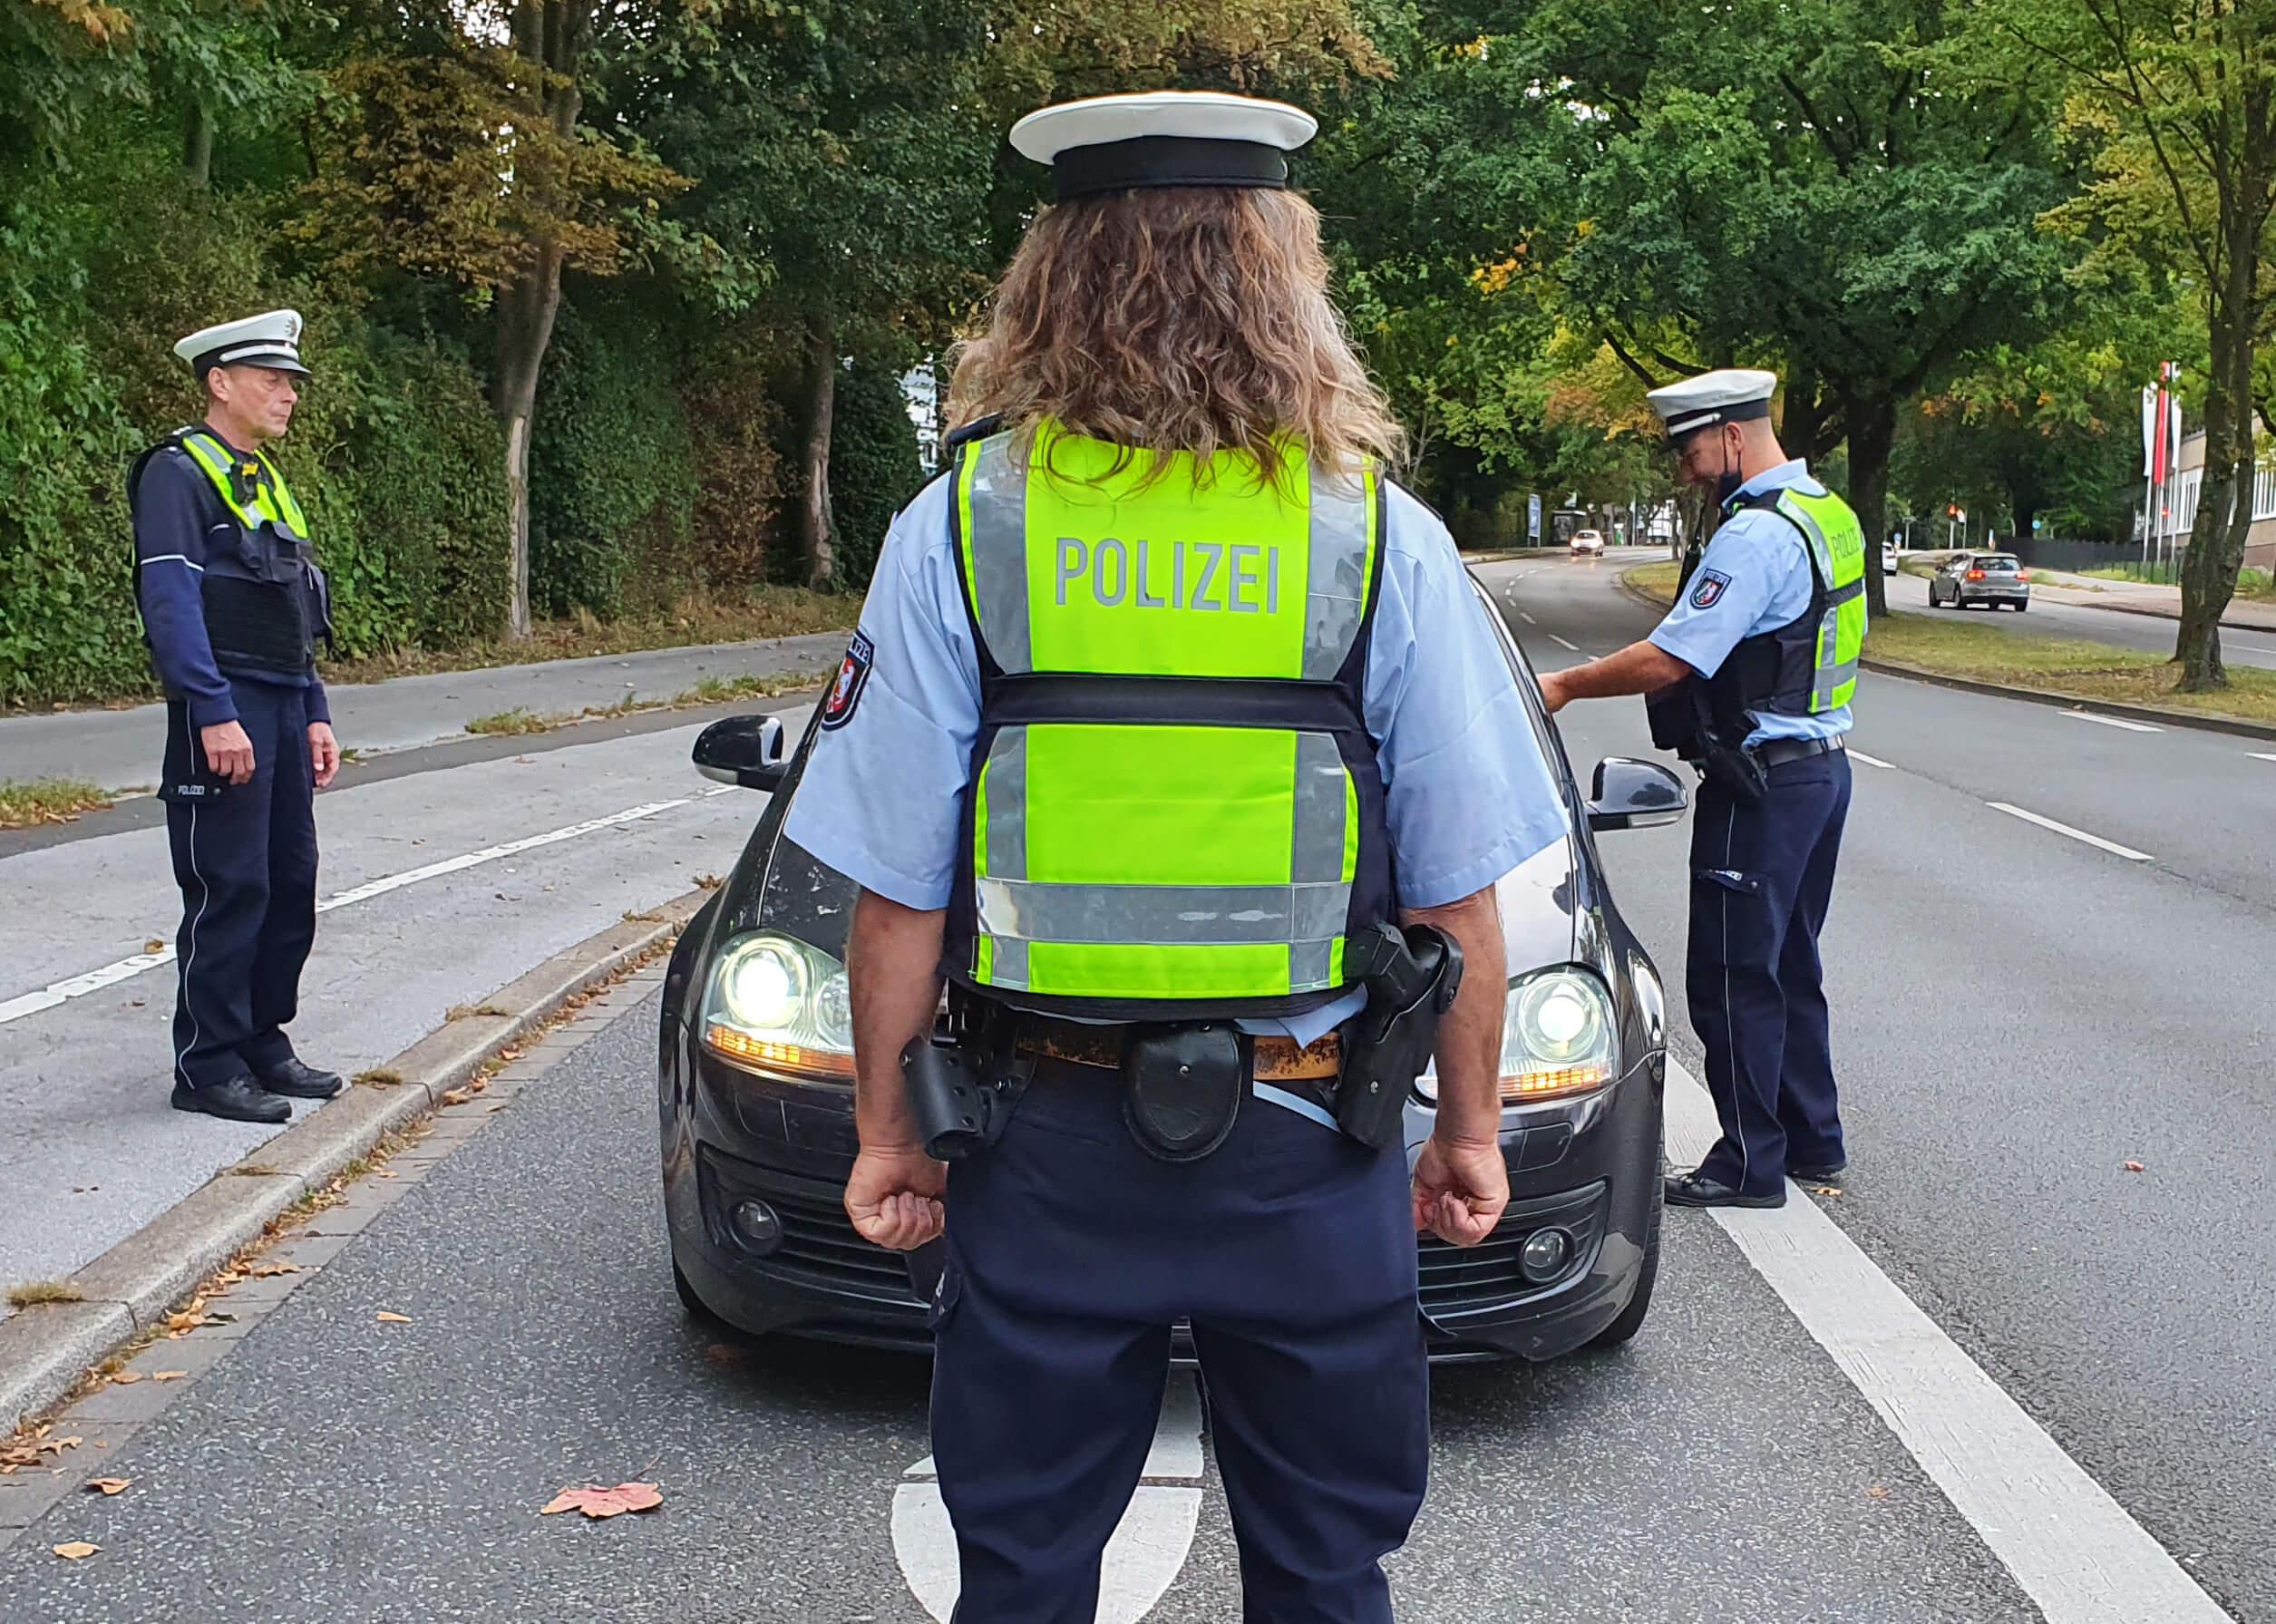 Licht-Test, Polizei-Kontrolle